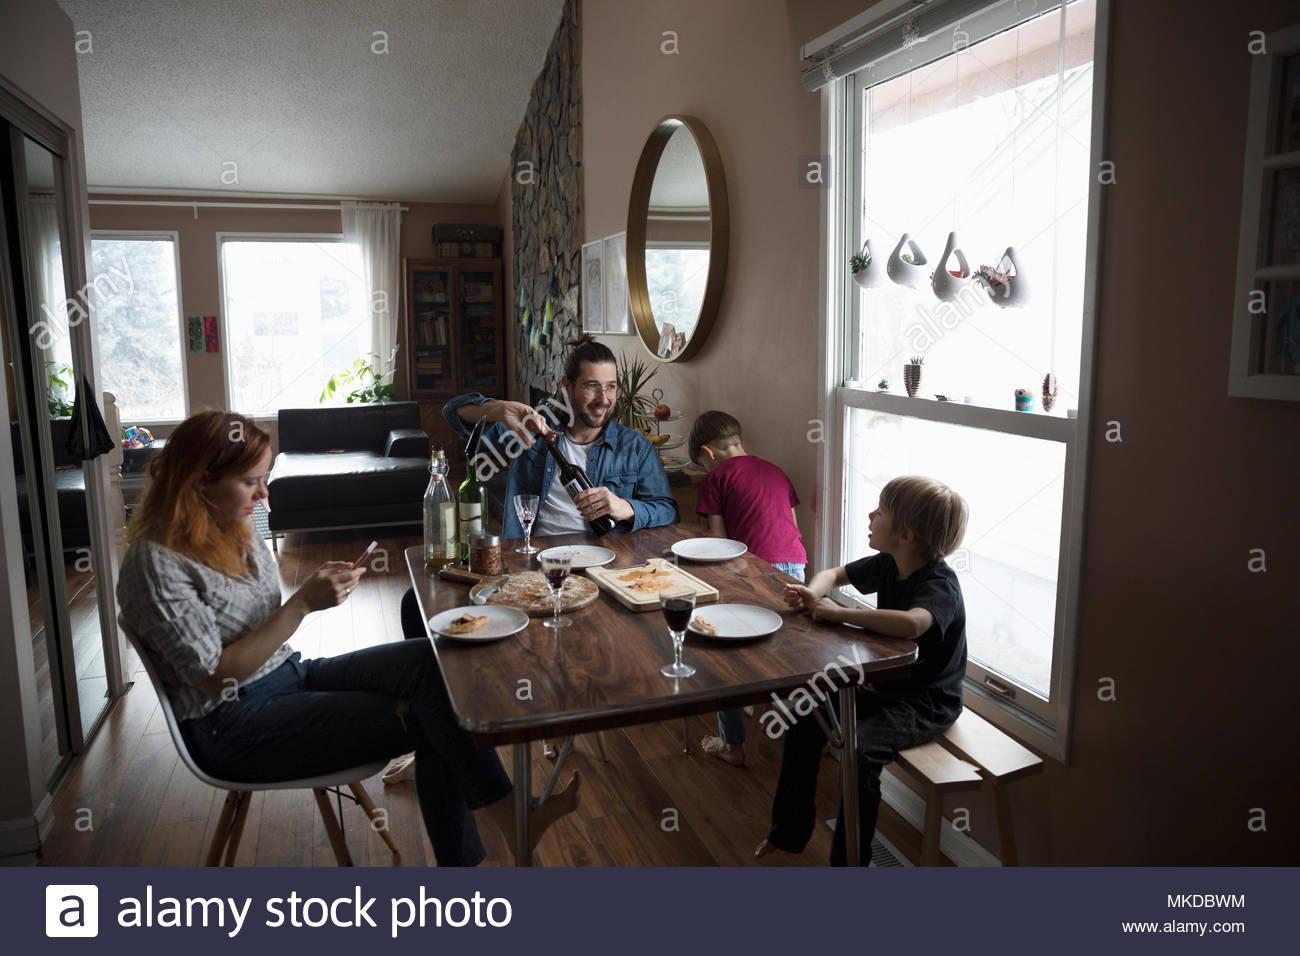 Famiglia di mangiare pizza al tavolo da pranzo Immagini Stock